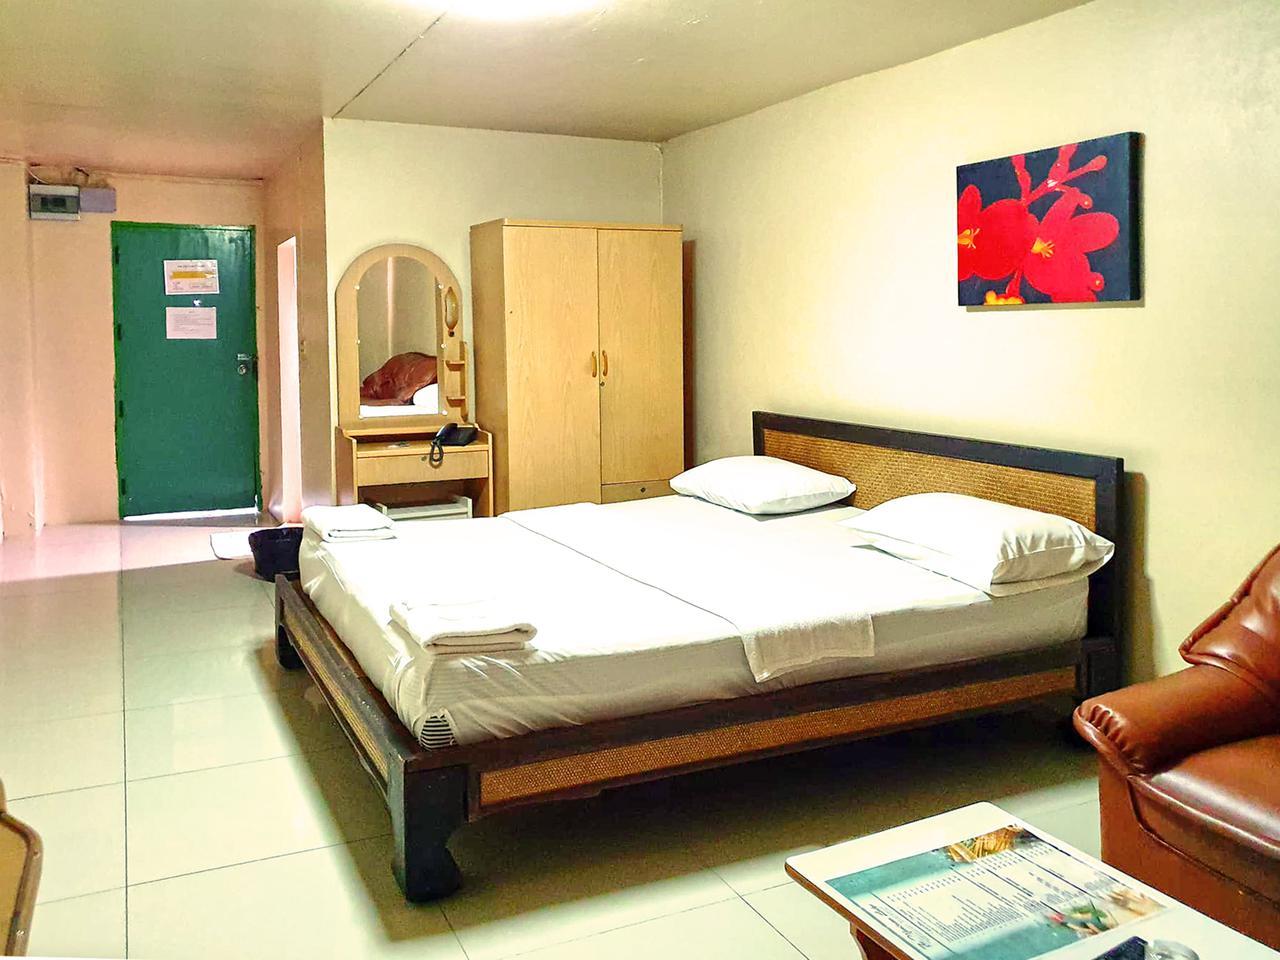 เพียงคืนละ 790 บาท โรงแรมกรุงเทพราคาถูก รูปที่ 3